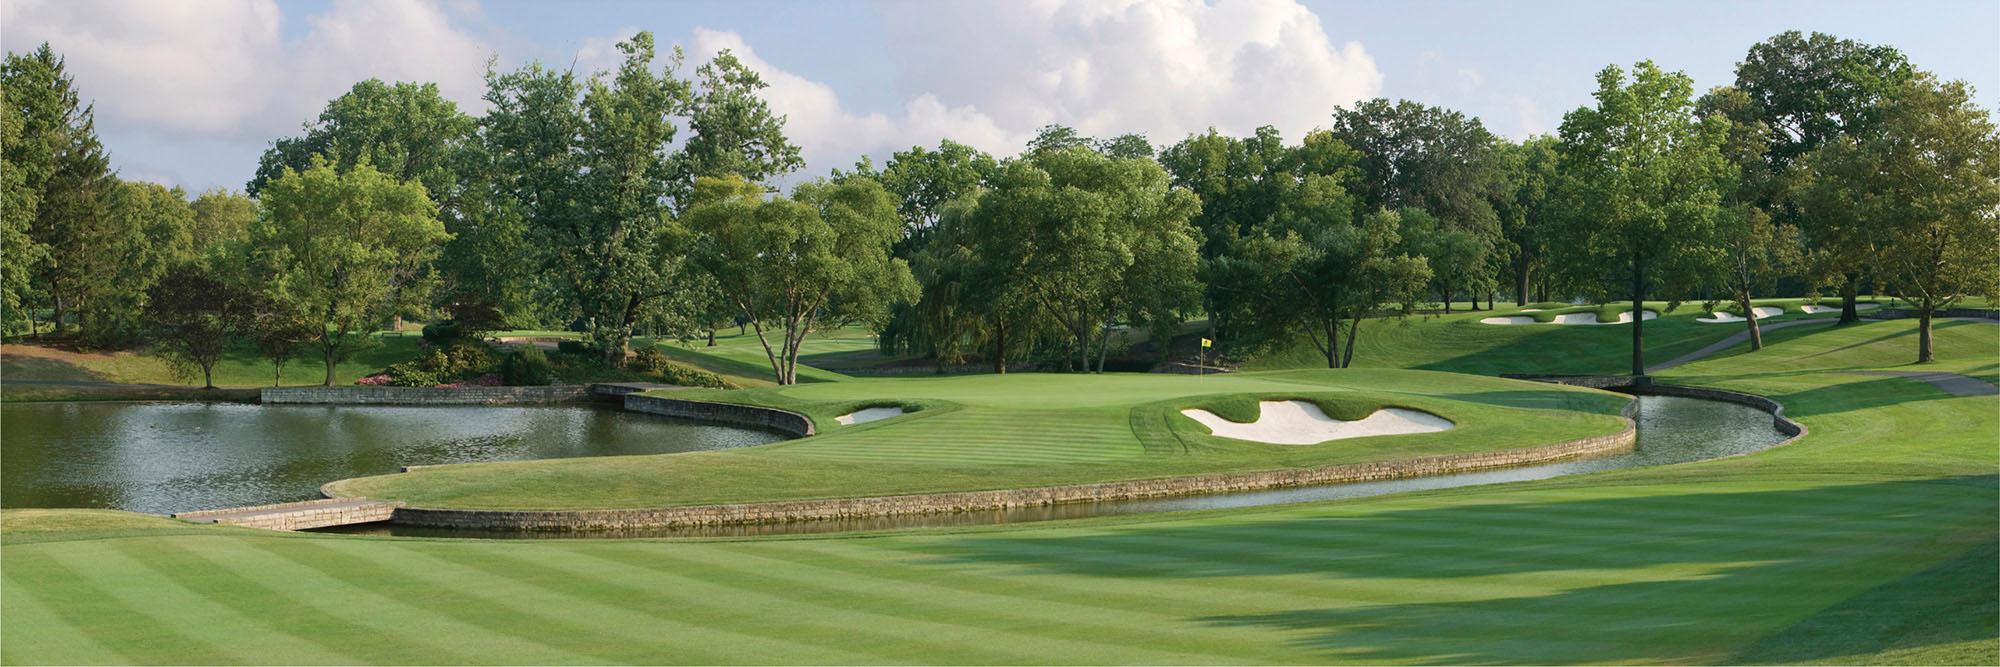 Golf Course Image - Scioto No. 8